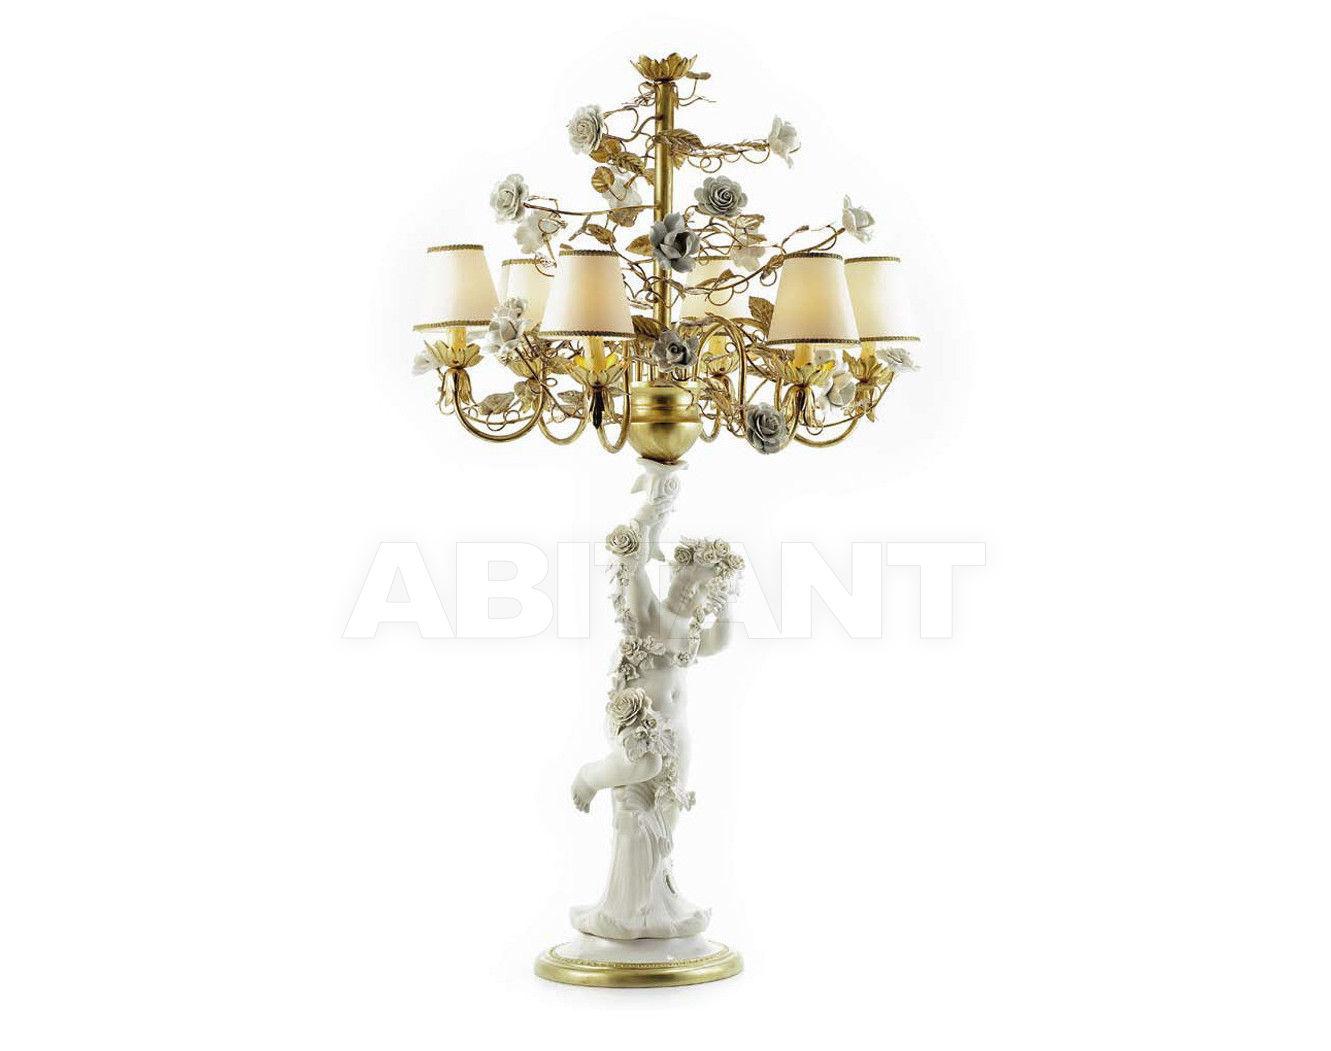 Купить Лампа настольная ANGEL FLAMBEAU Villari Capodimonte 4000138-007 R